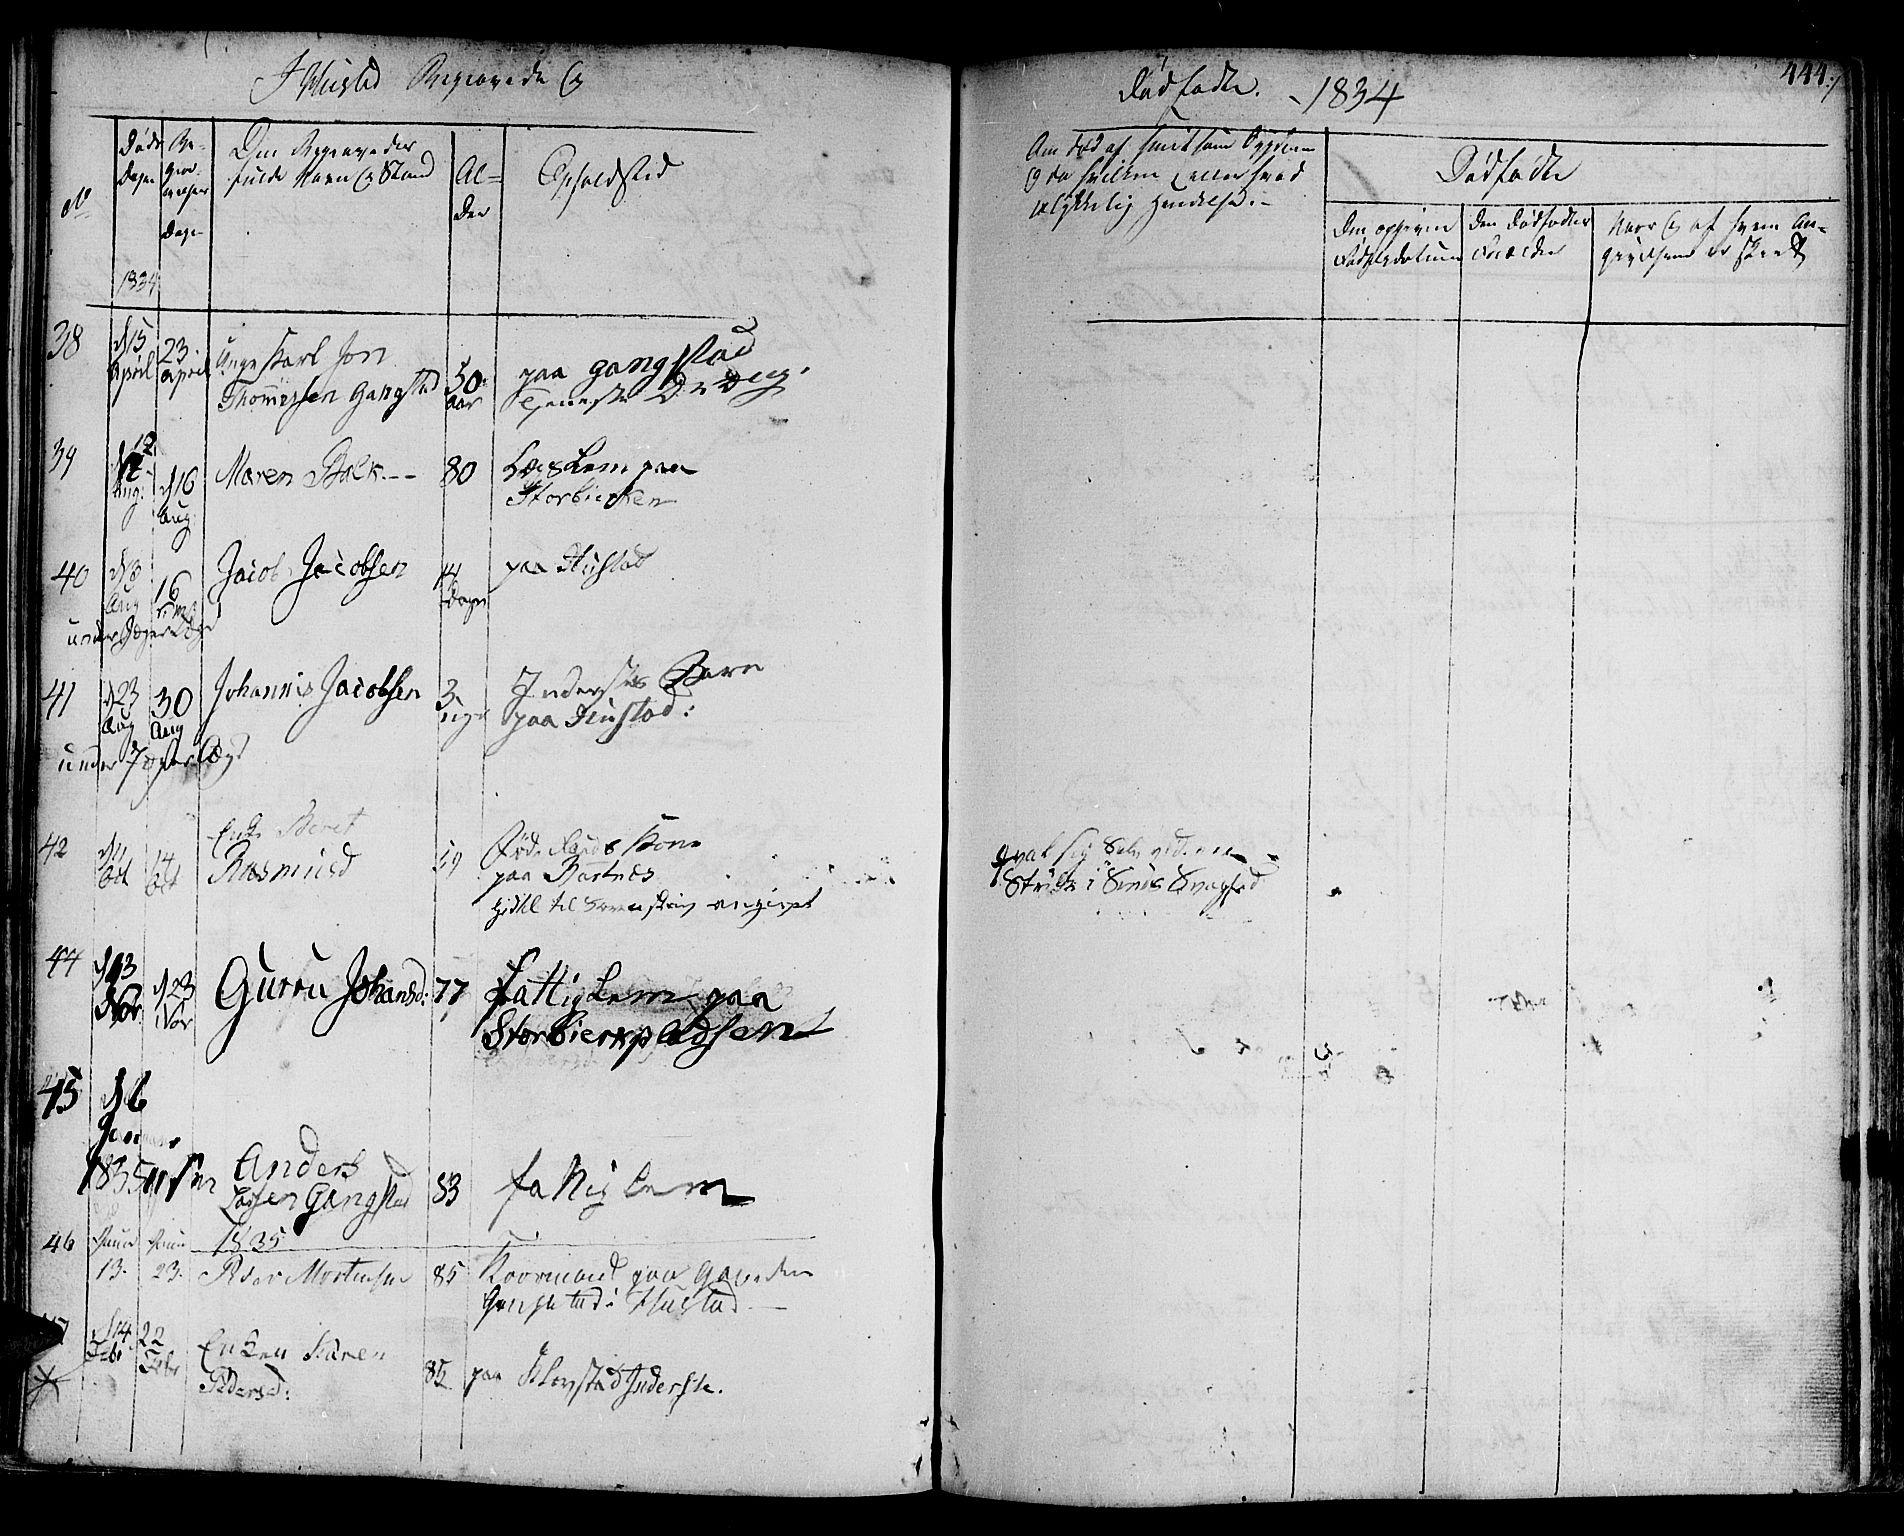 SAT, Ministerialprotokoller, klokkerbøker og fødselsregistre - Nord-Trøndelag, 730/L0277: Ministerialbok nr. 730A06 /3, 1830-1839, s. 444